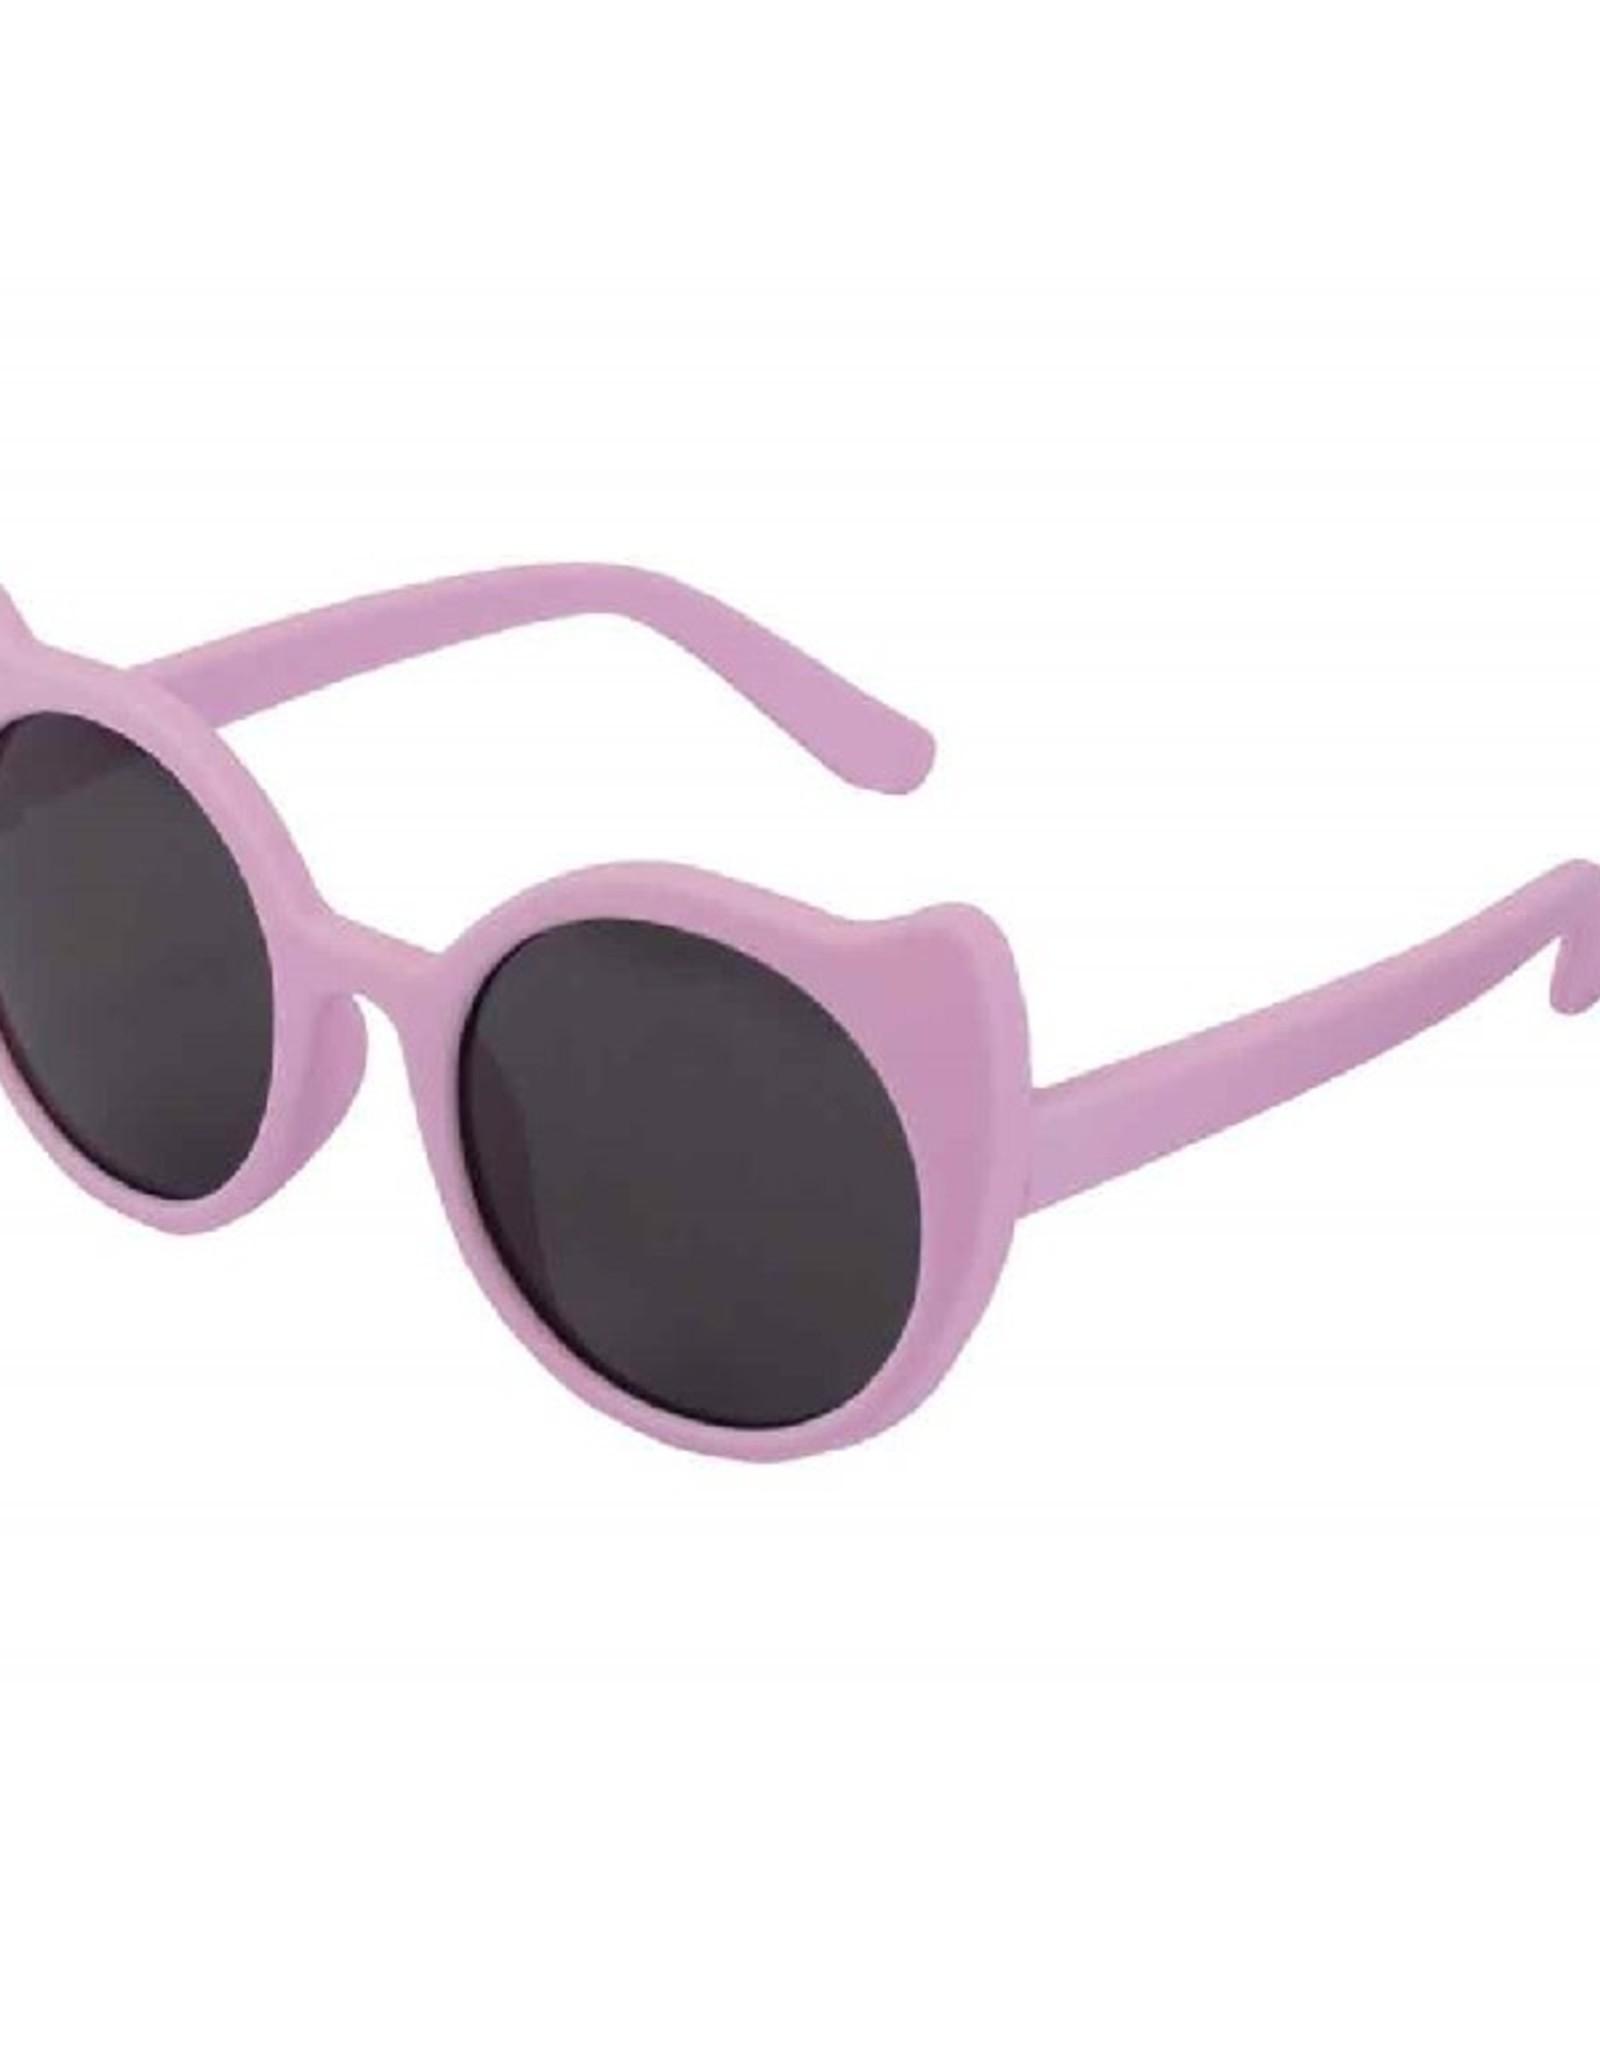 Zonnebril Flex roze